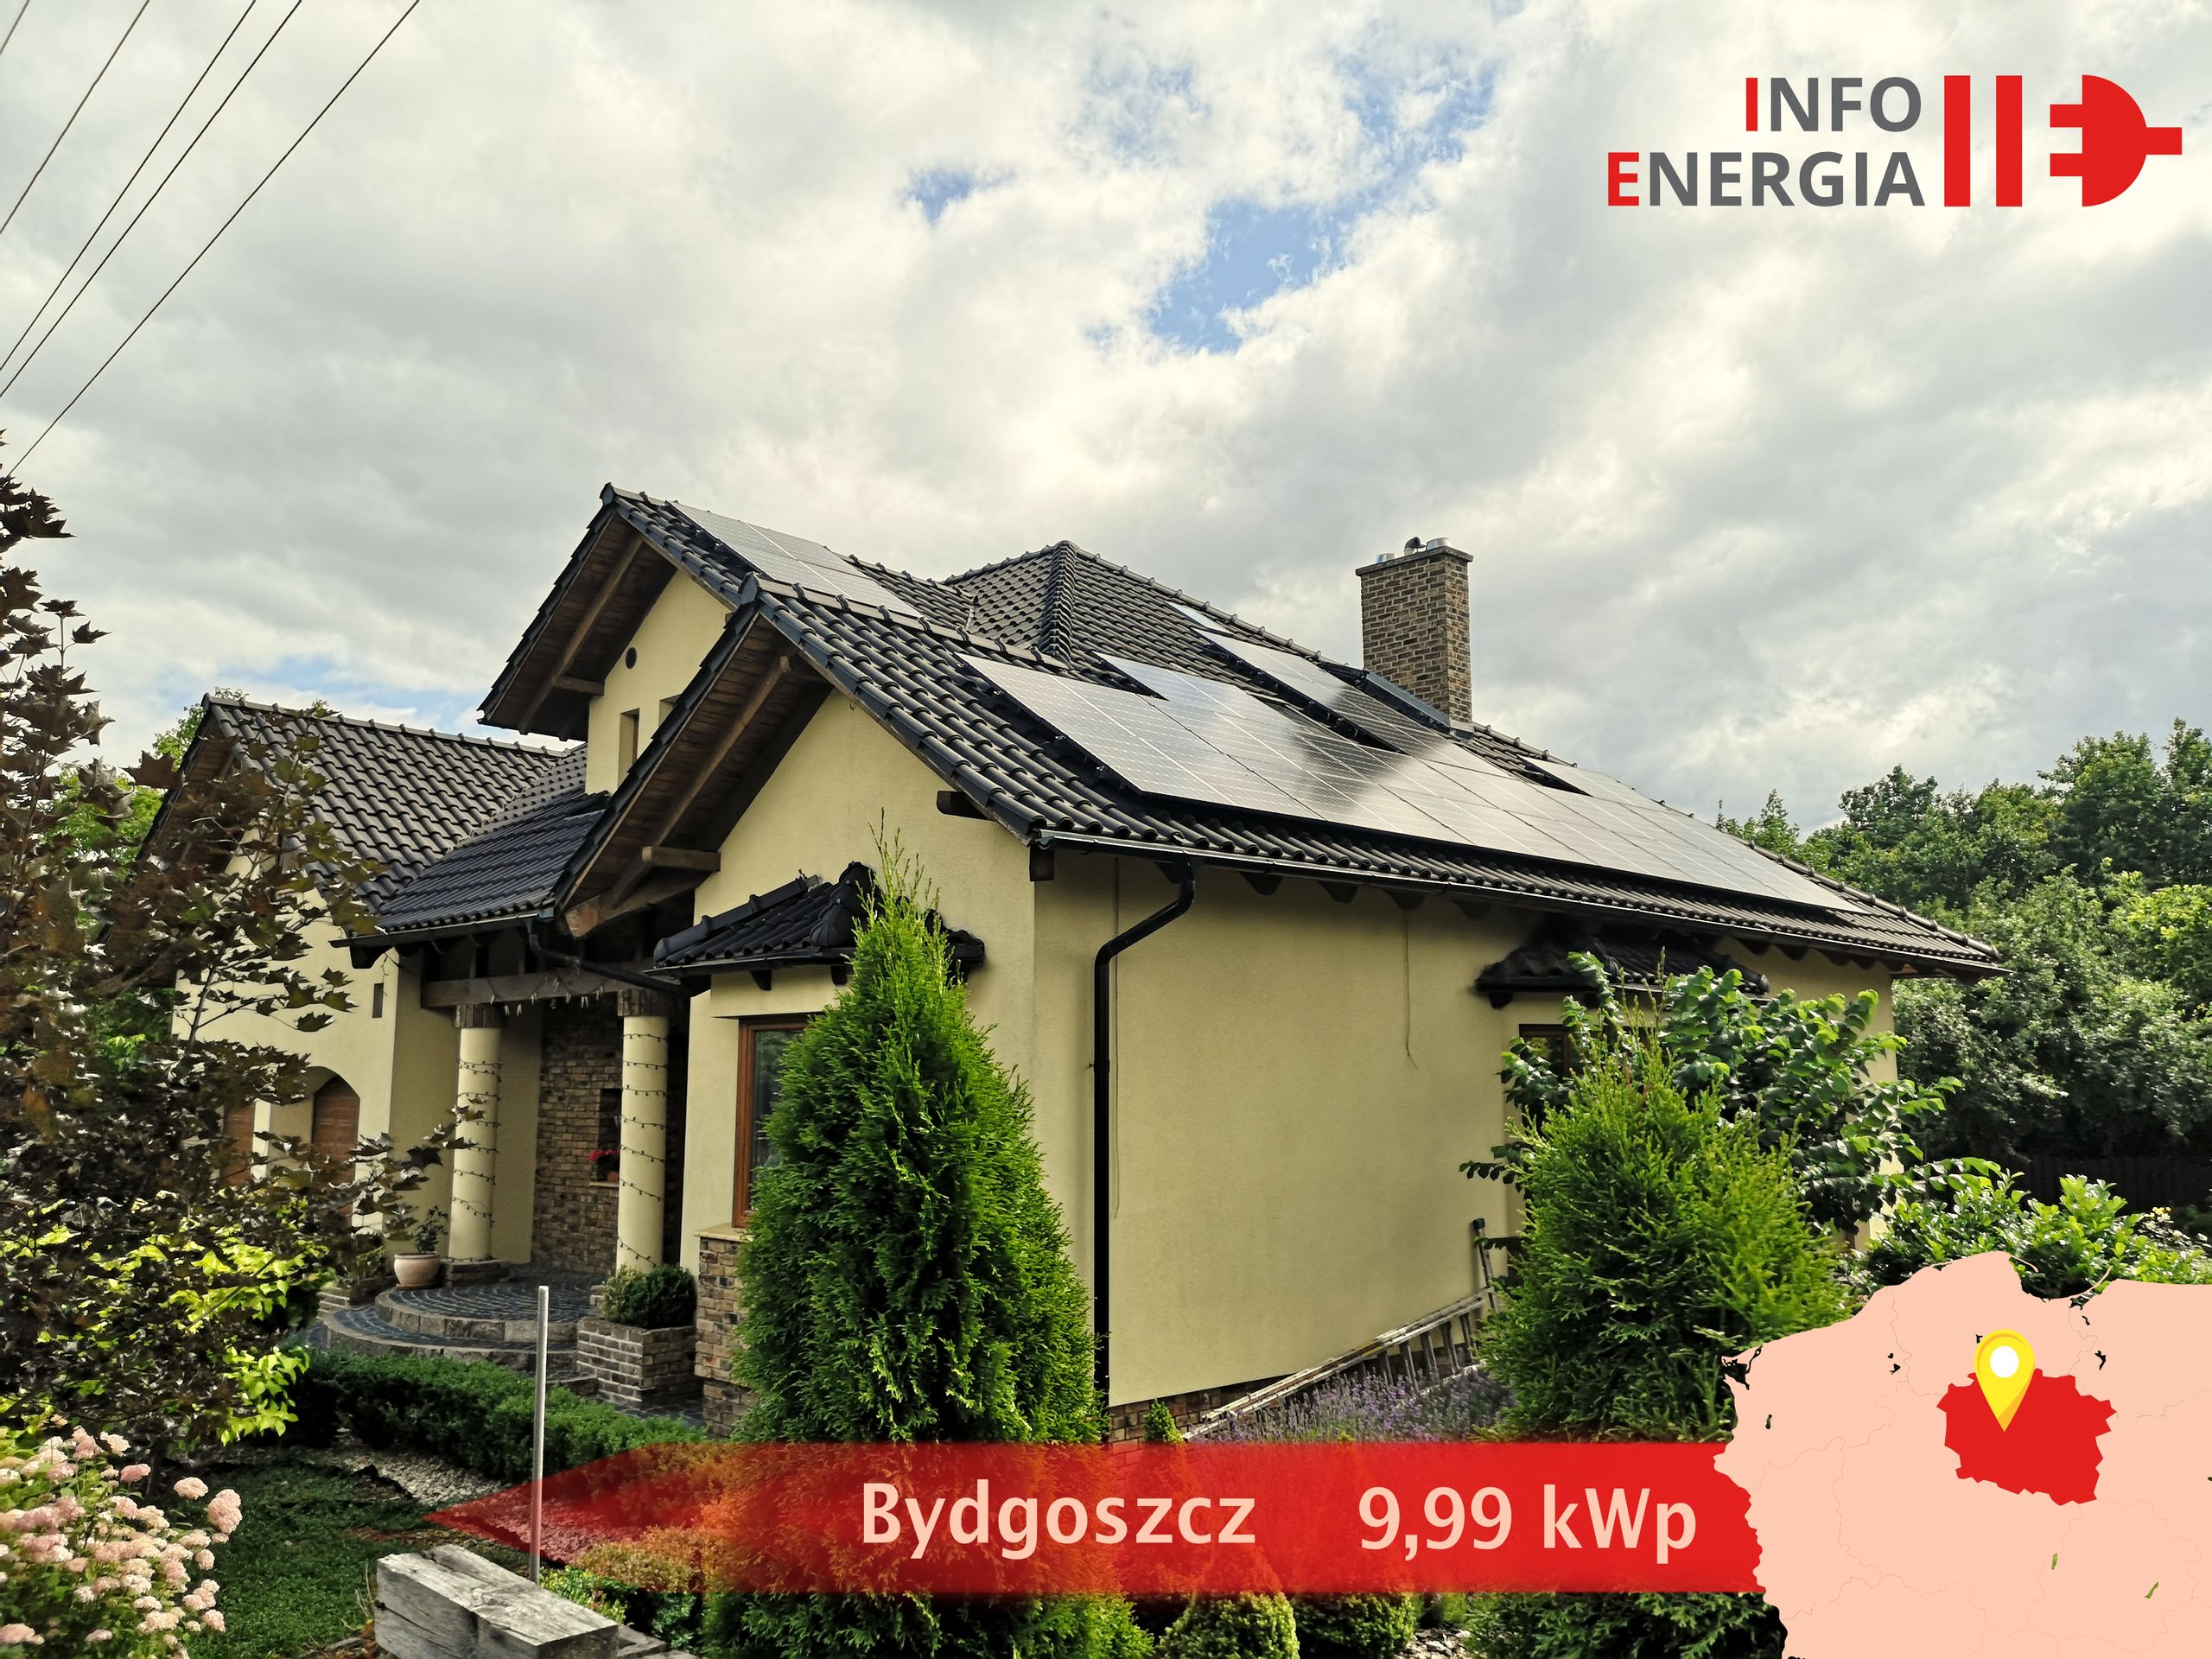 Fotowoltaika Bydgoszcz. Instalacje fotowoltaiczne i pompy ciepła Bydgoszcz